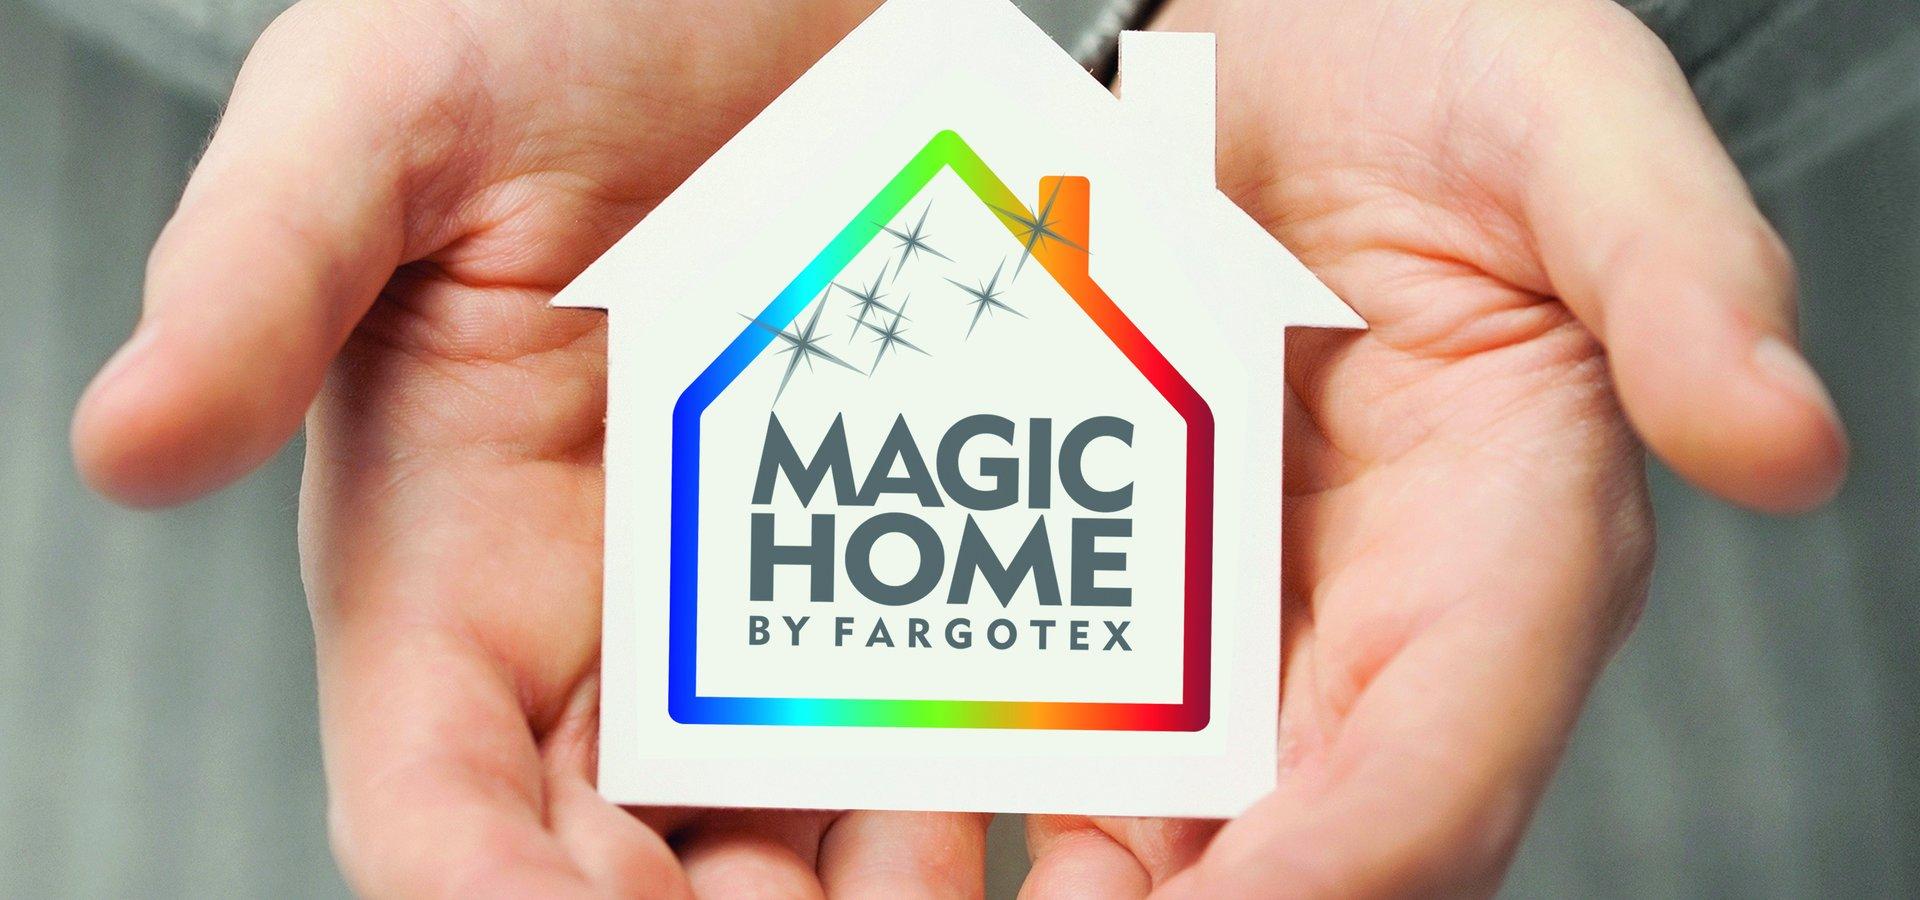 Kolekcja tkanin Magic Home po raz trzeci z Medalem Europejskim